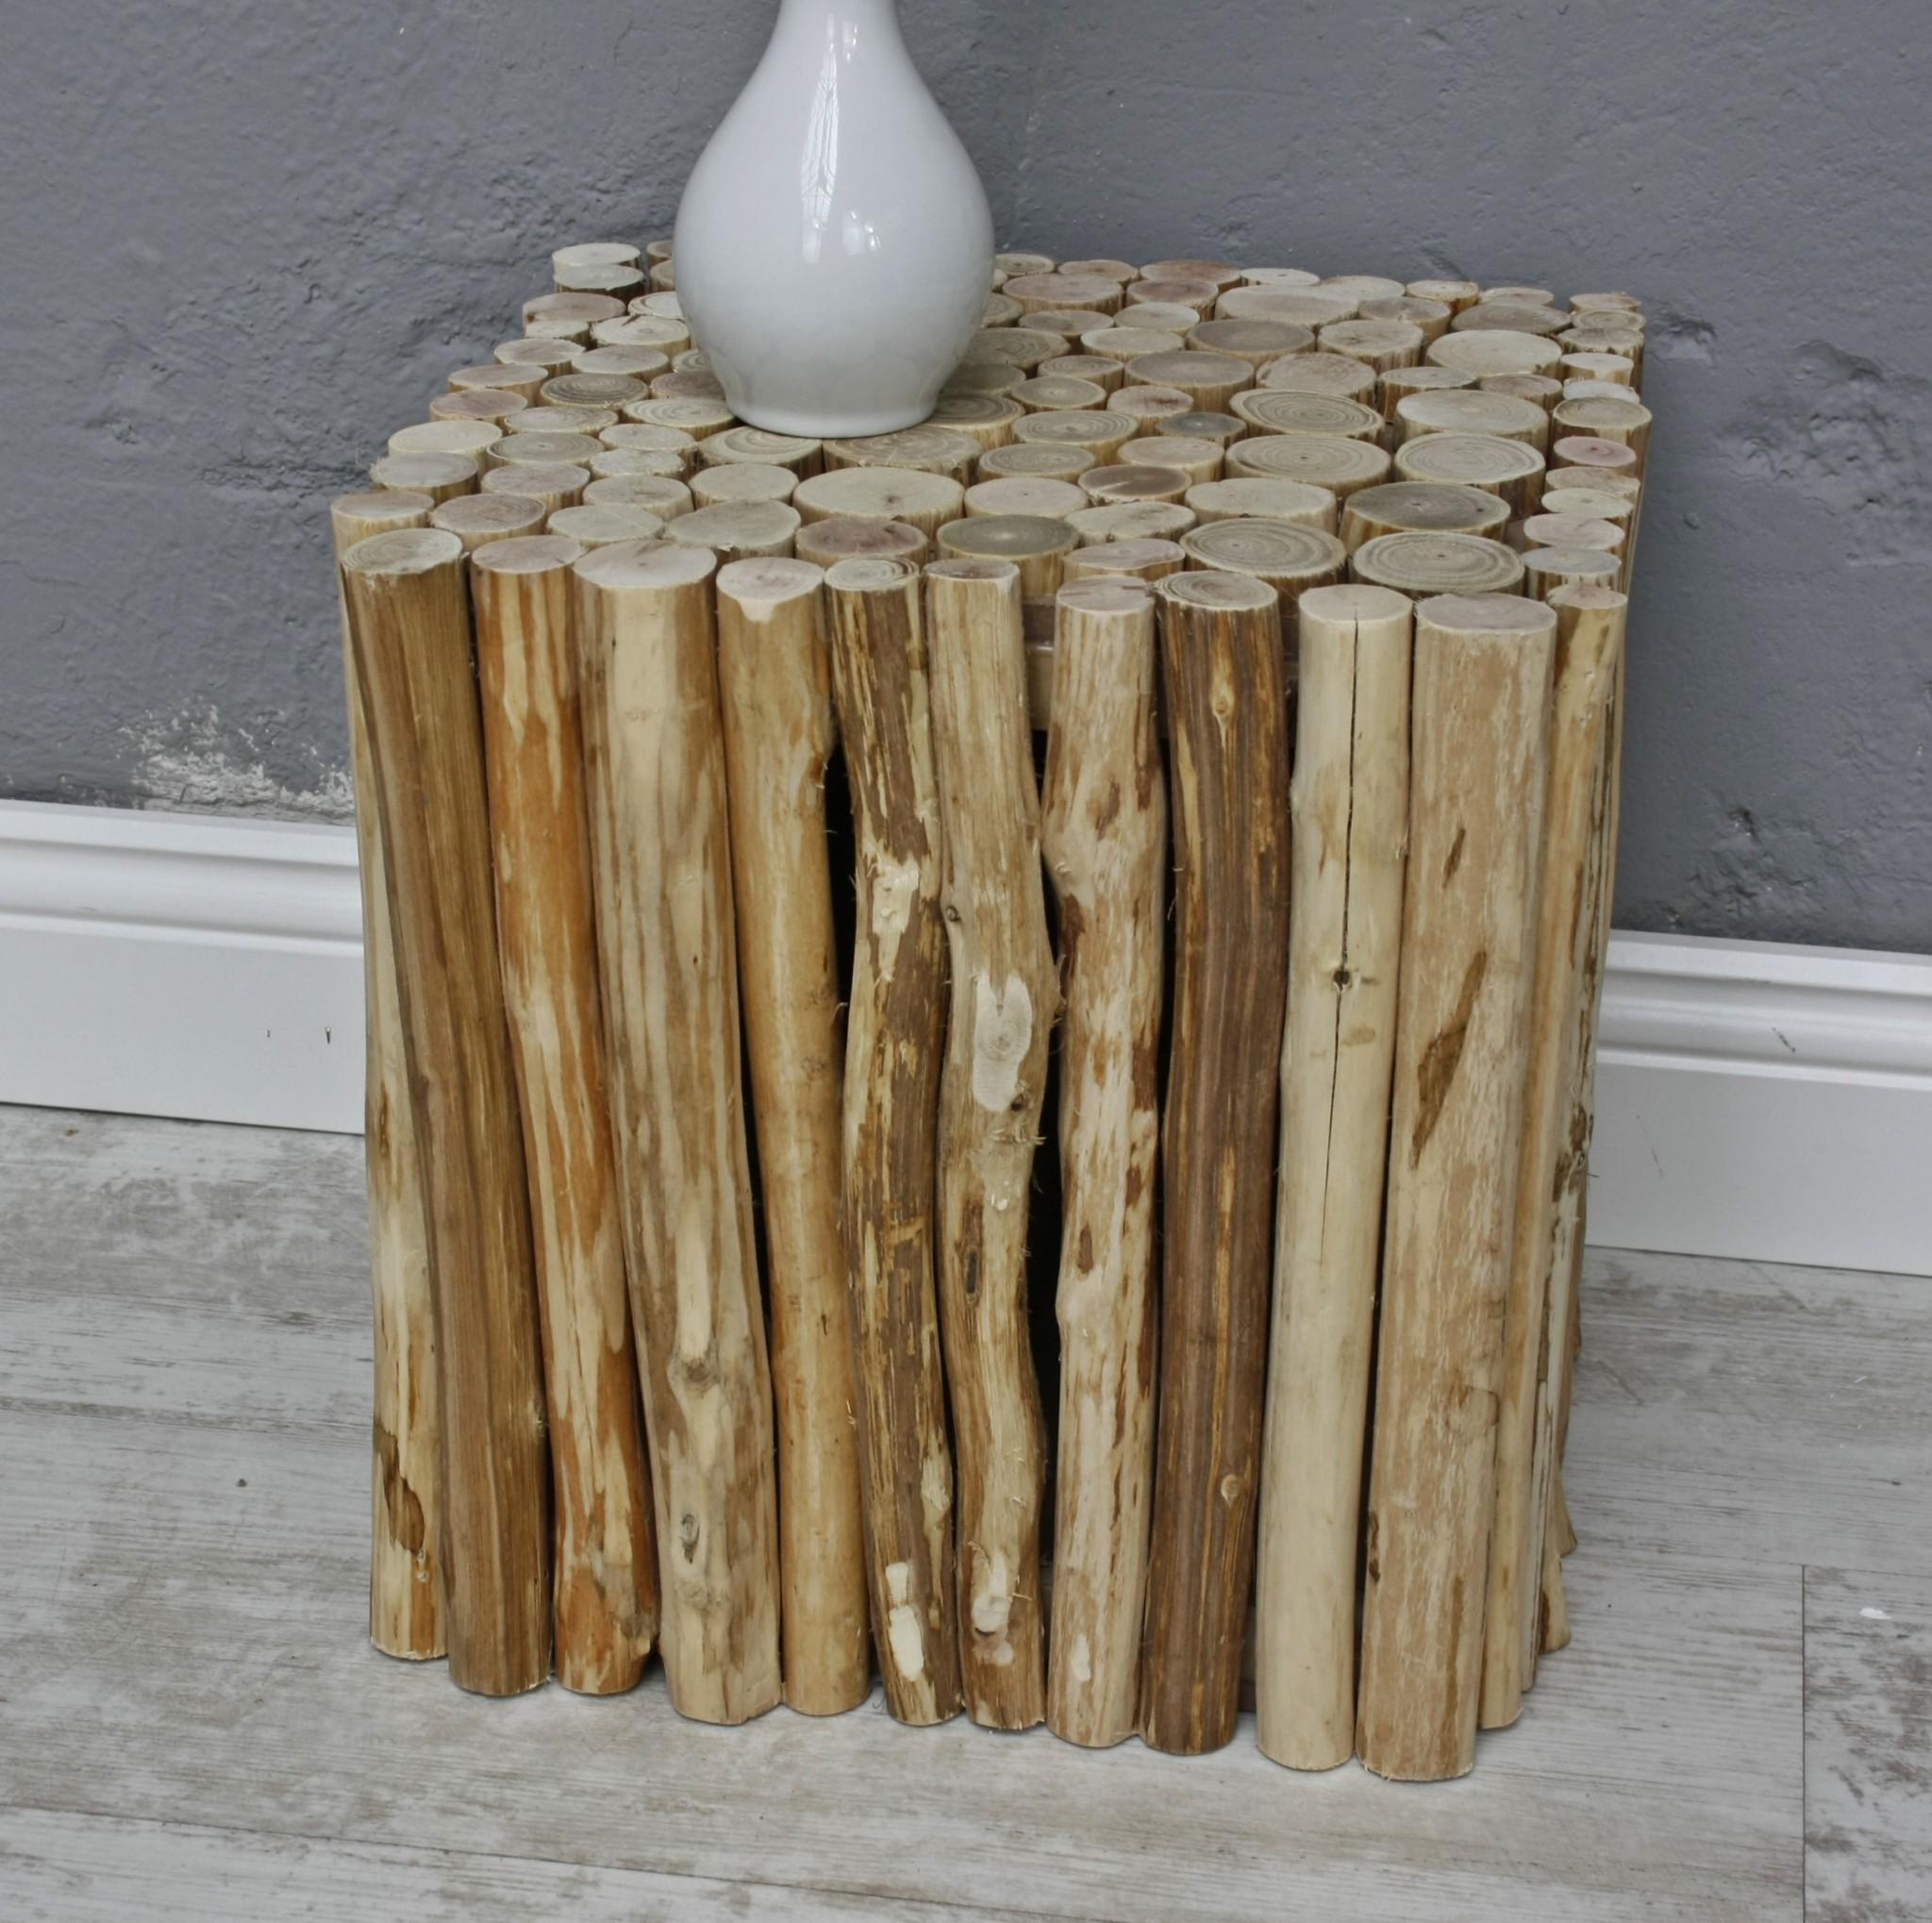 Schön Beistelltisch Holz Das Beste Von Hocker Eckig